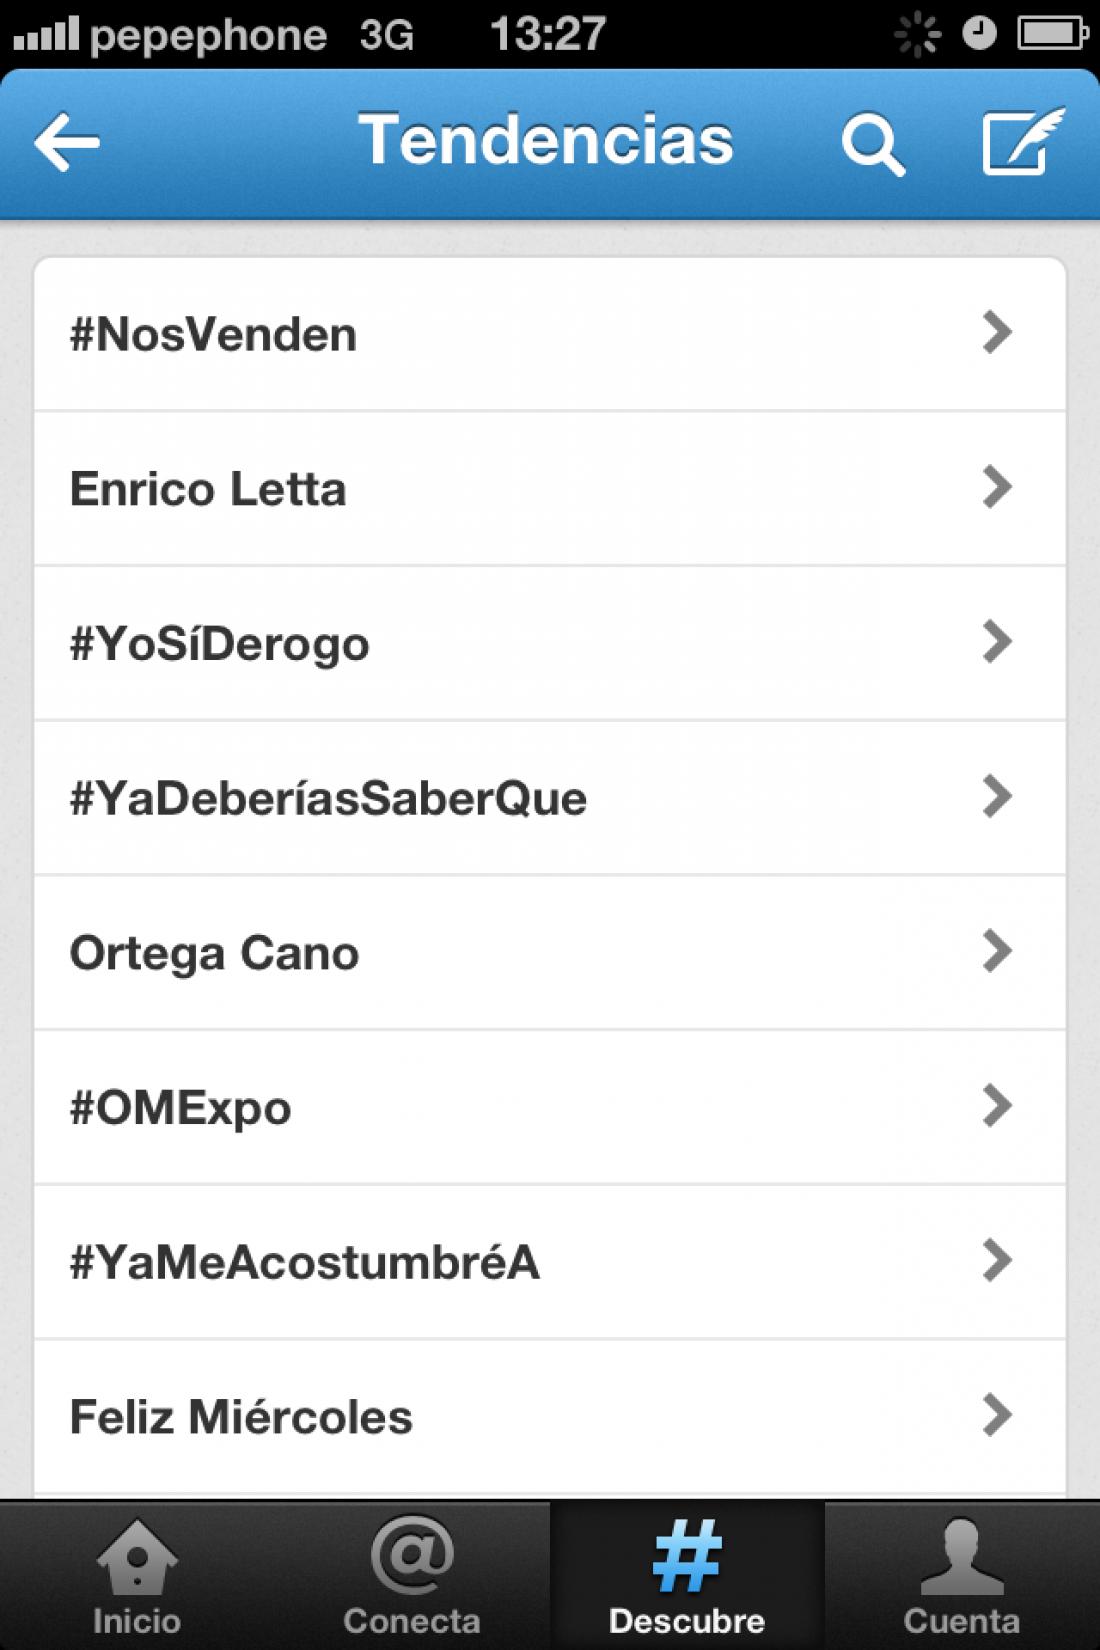 La iniciativa de CGT #NosVenden se convierte en trending topic